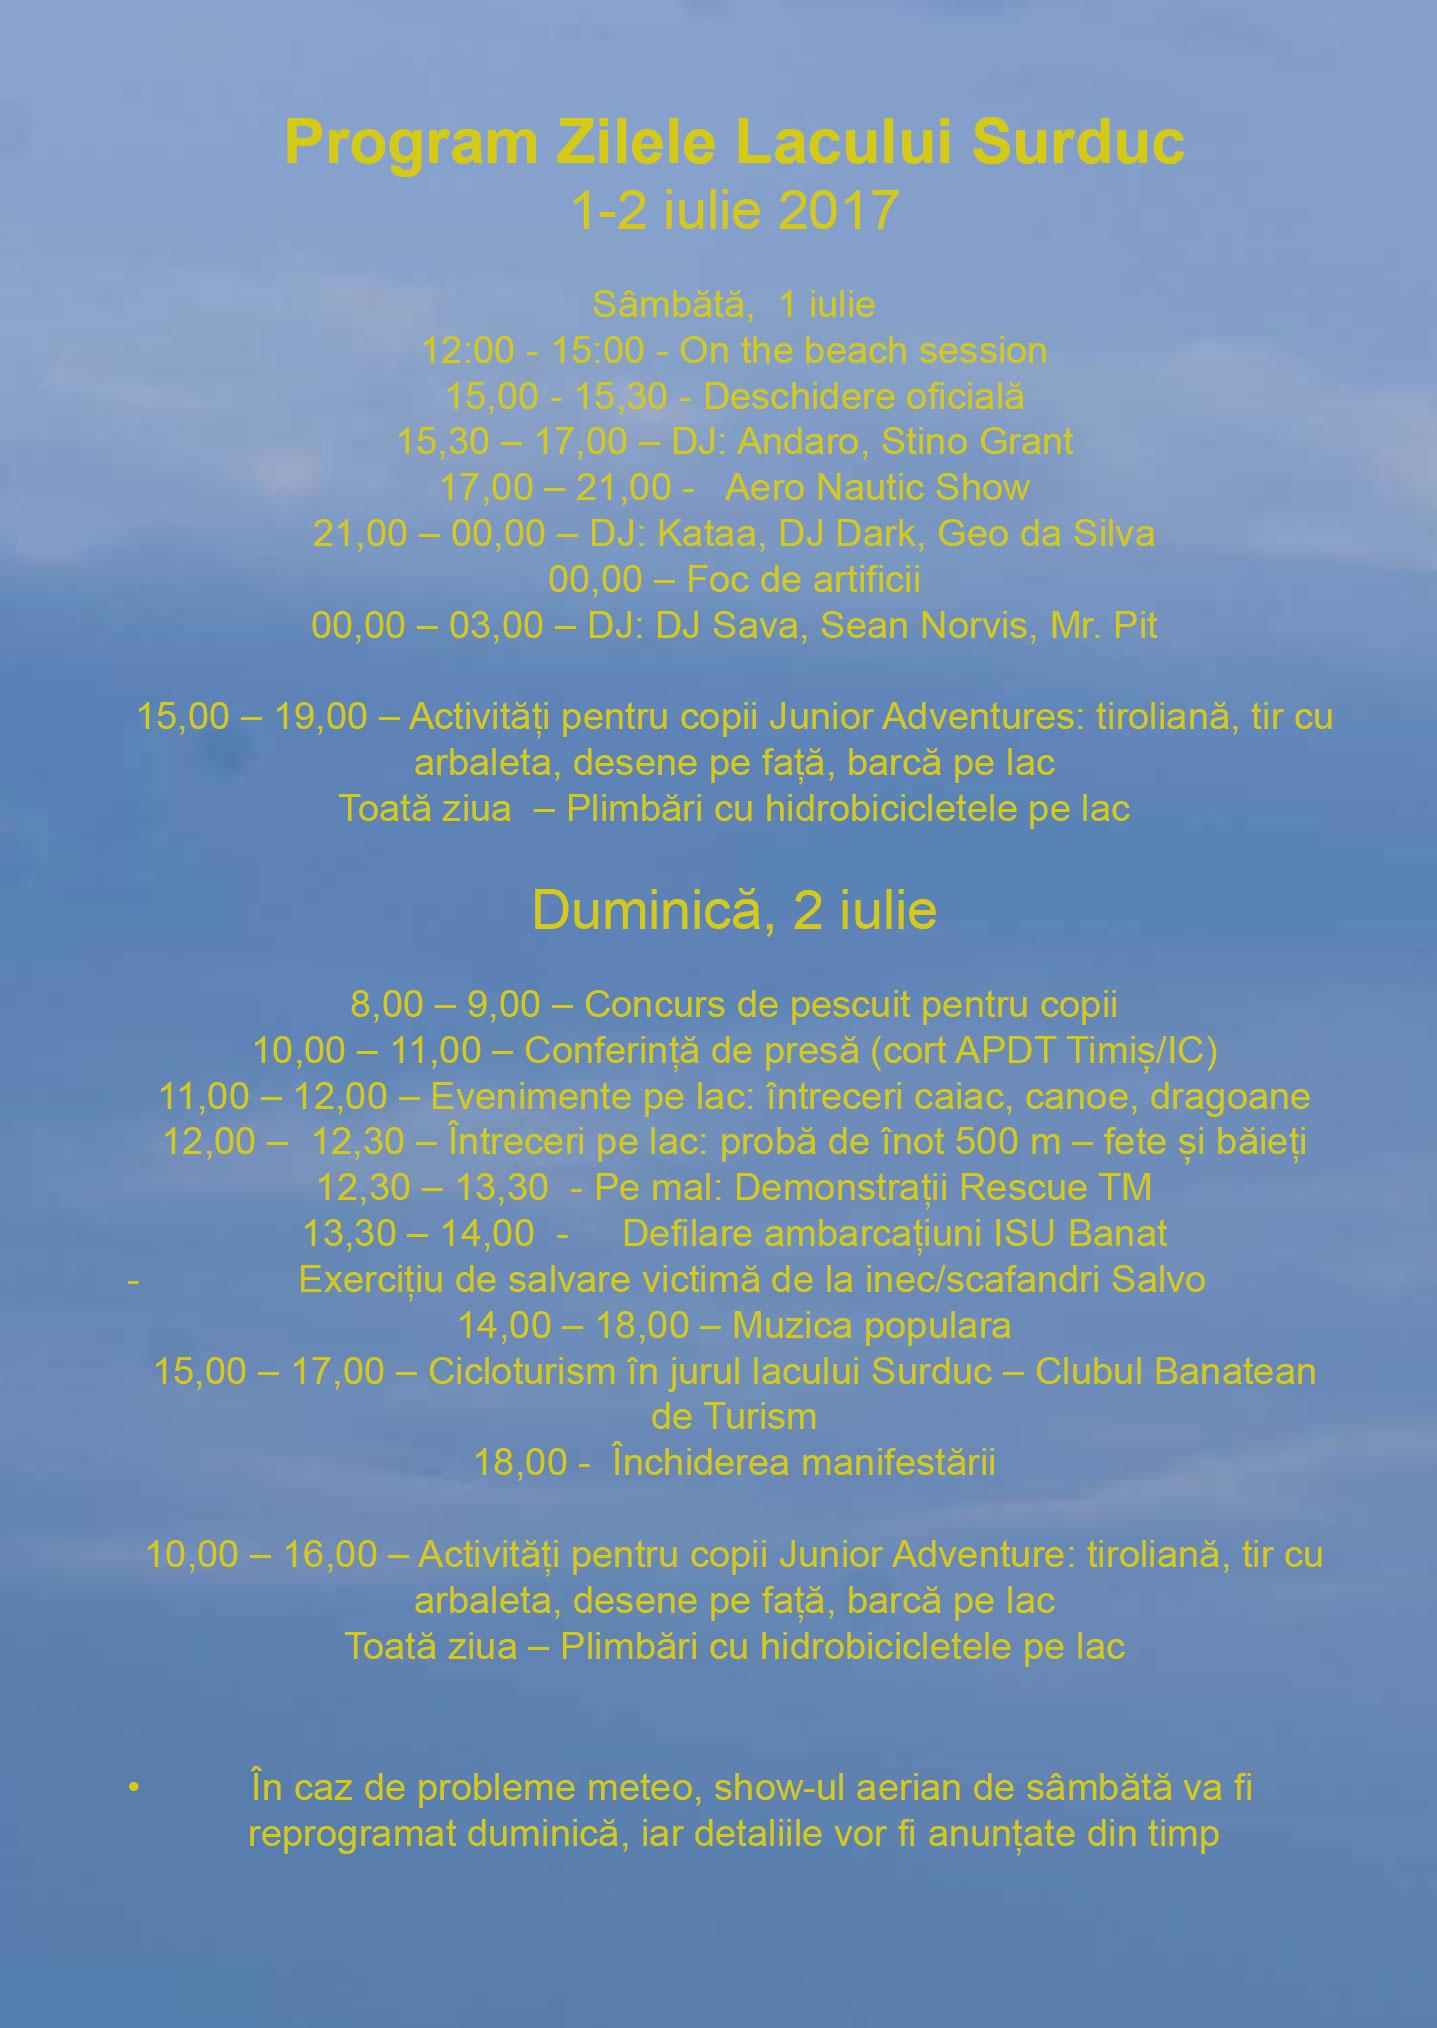 Program evenimente Zilele Lacukui Surduc 2017